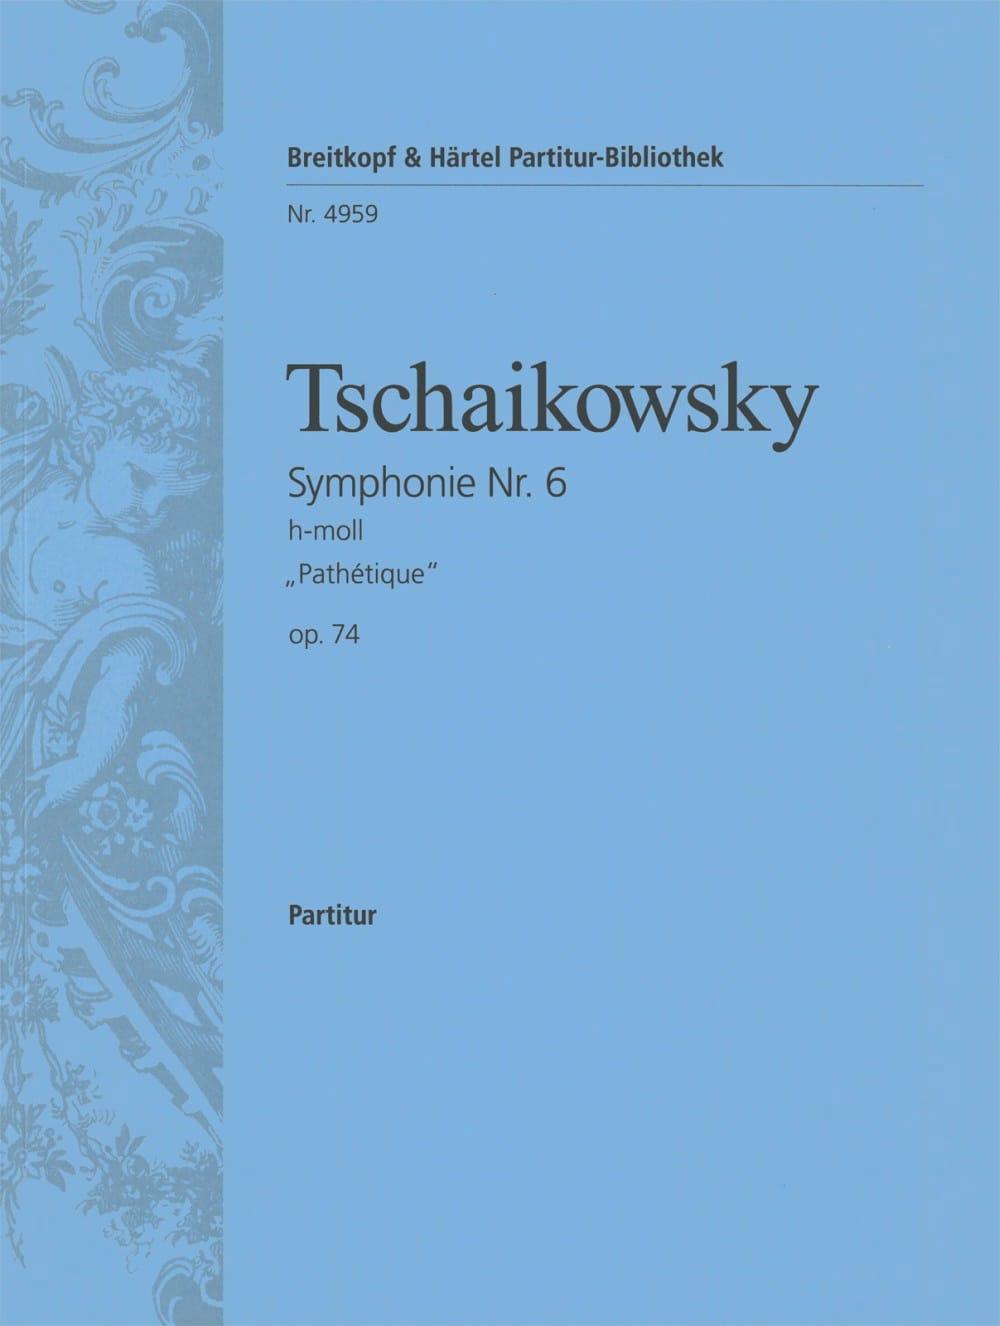 Symphonie Nr. 6 h-moll op. 74 Pathétique - Partitur - laflutedepan.com